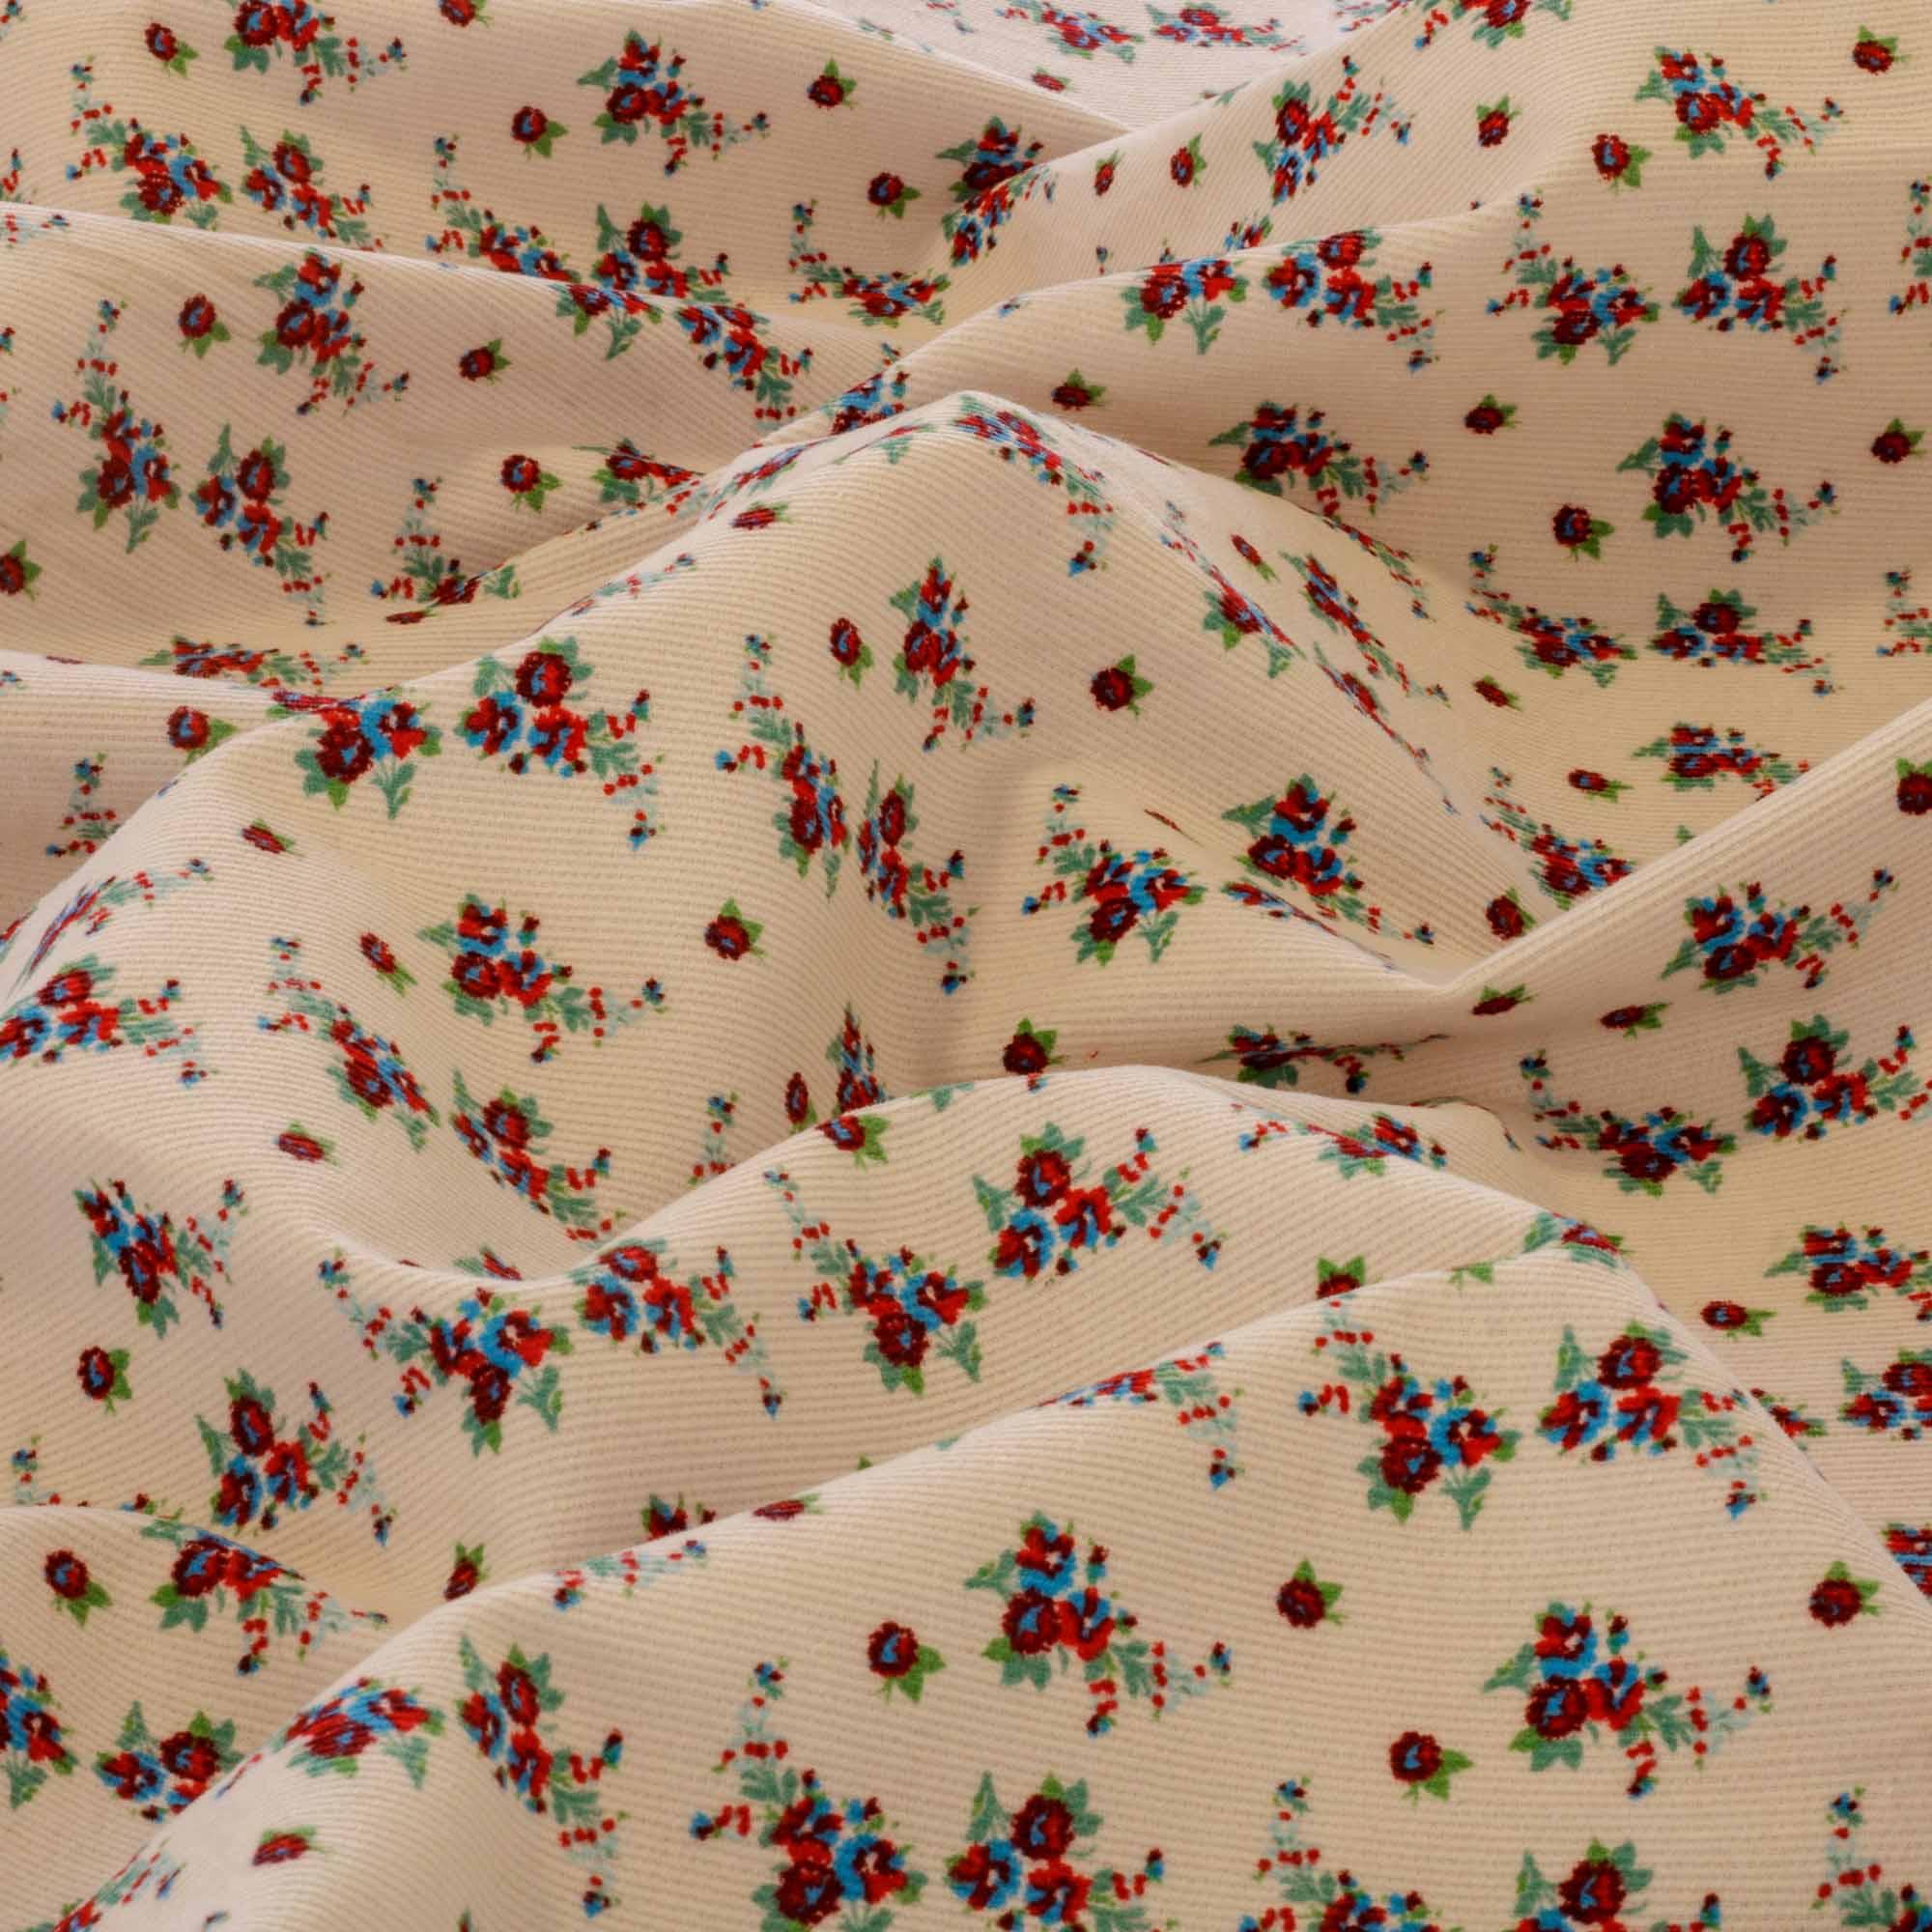 Tecido Fustao Estampado Florzinhas Vermelhas 100% Algodão 1,40 m Largura